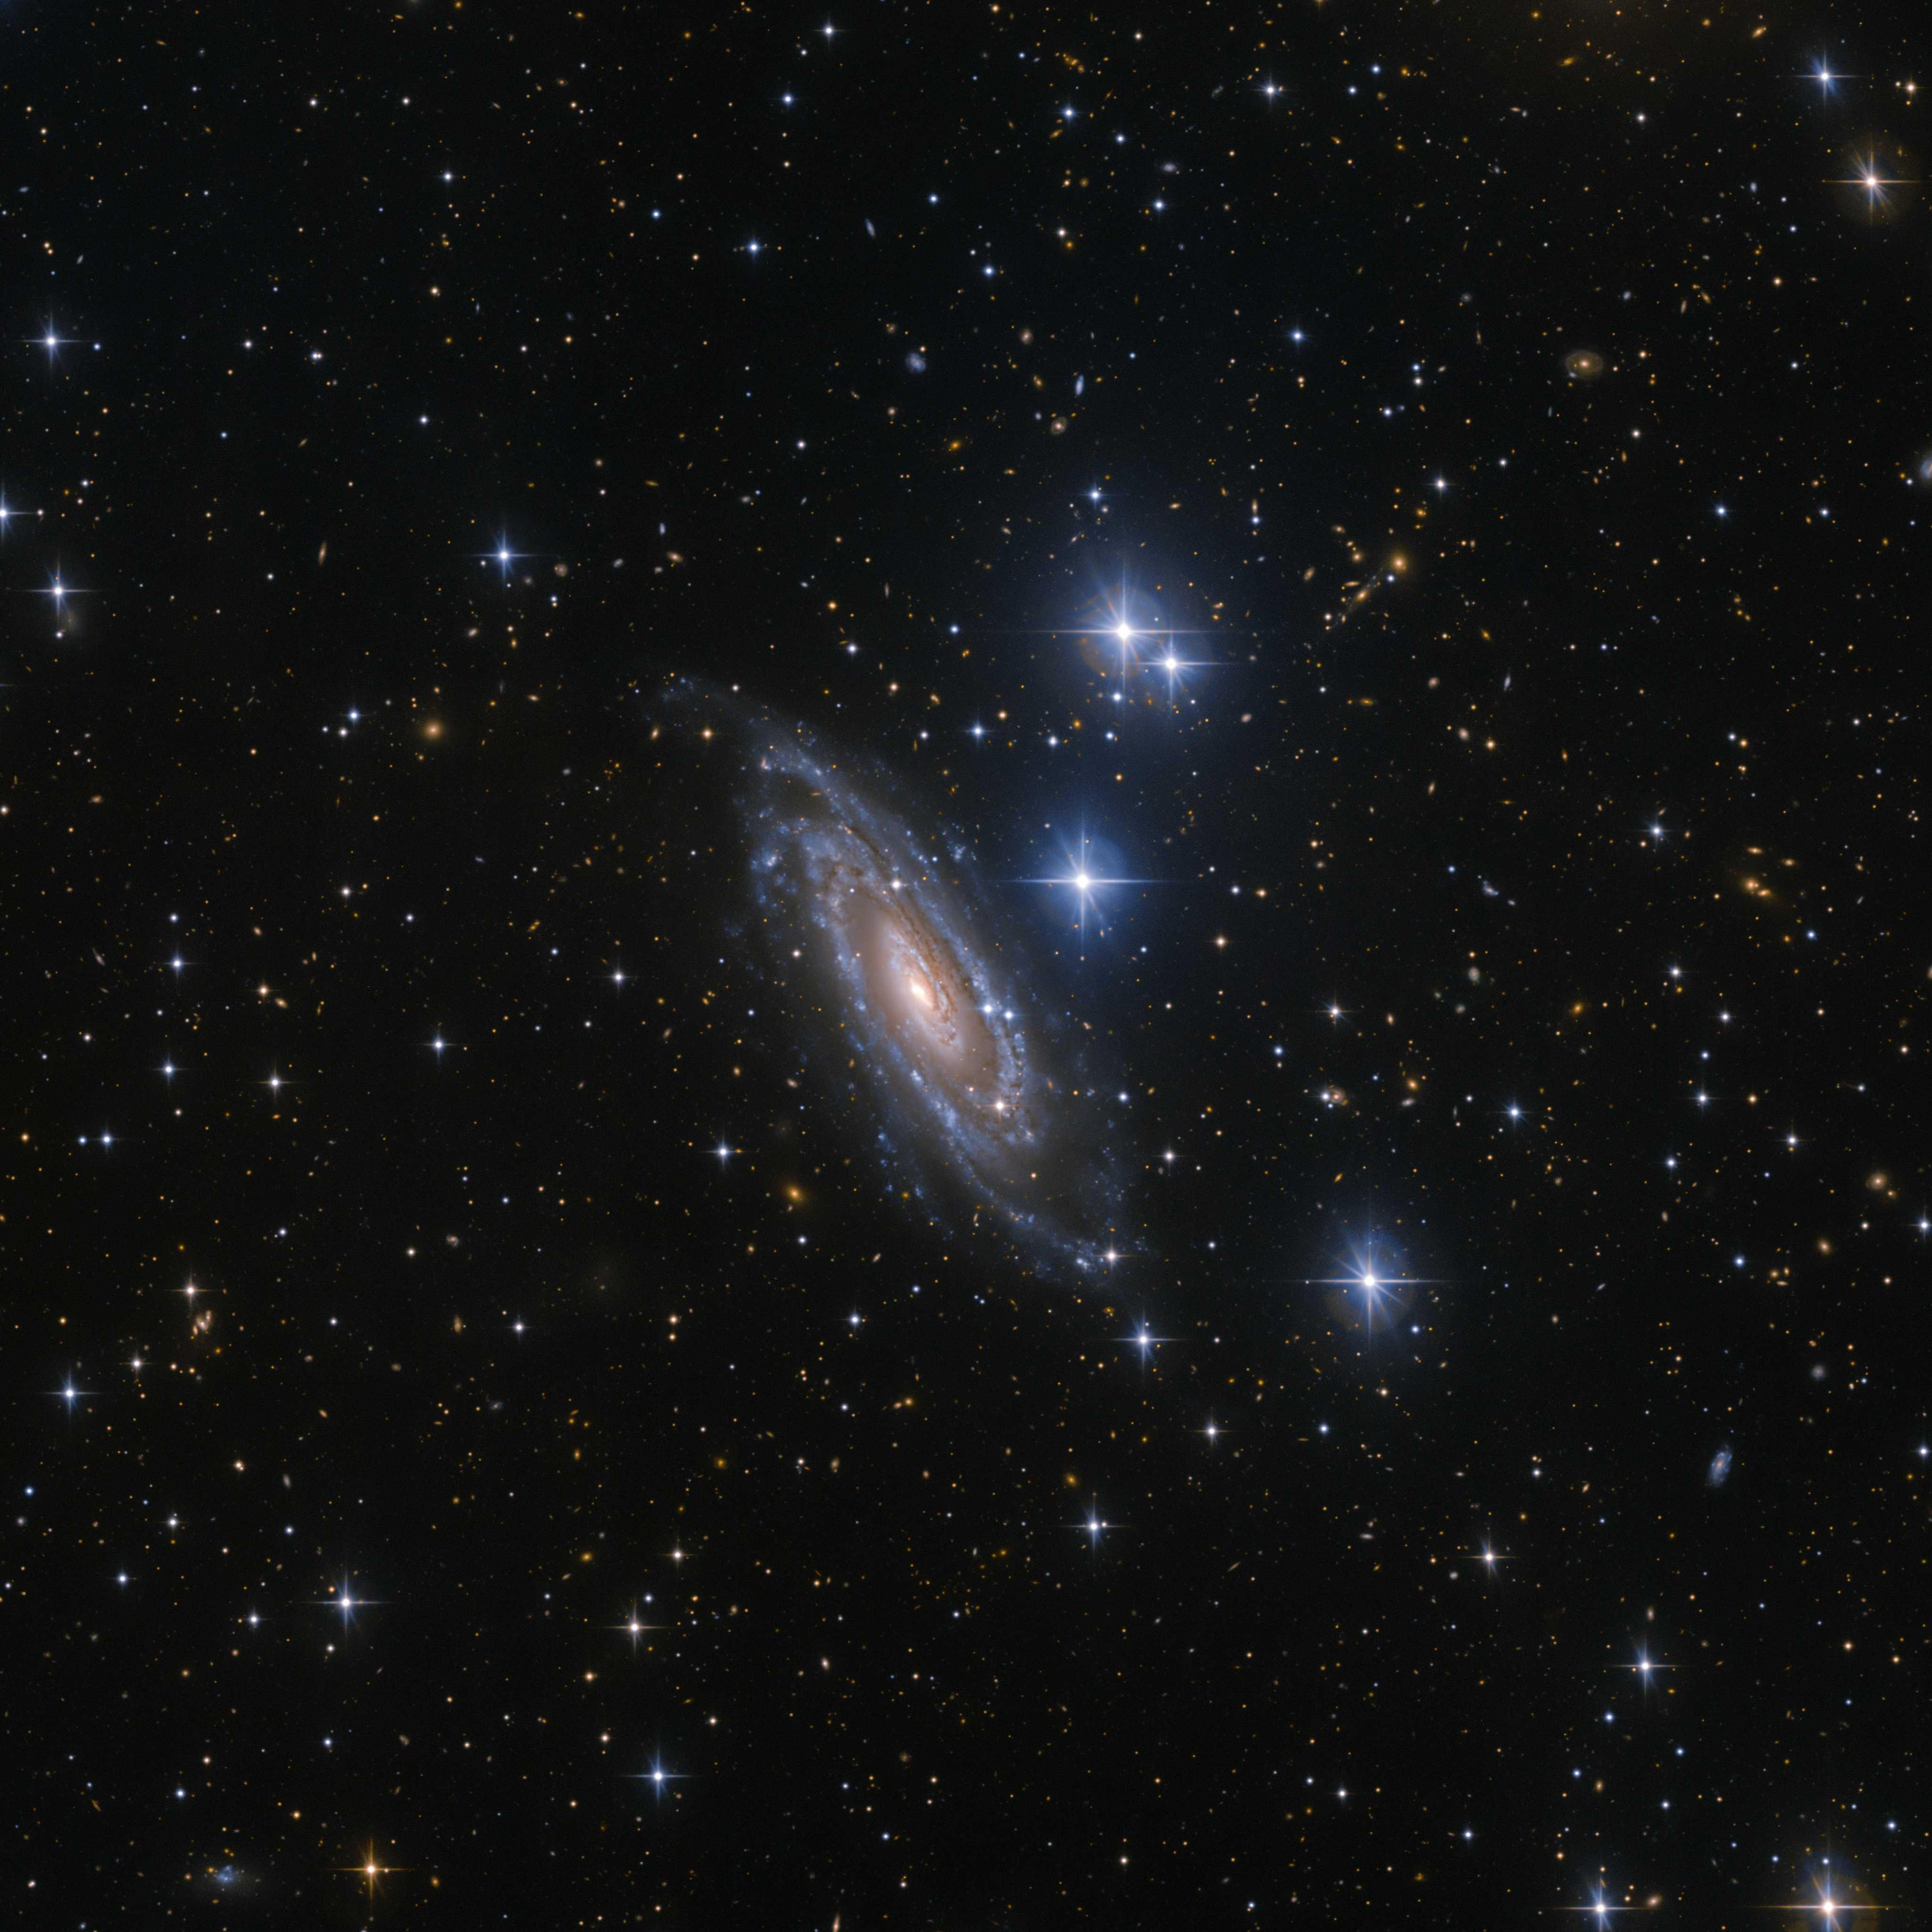 Обсерваторія Ла-Силья отримала чіткий знімок далекої галактики NGC 1964